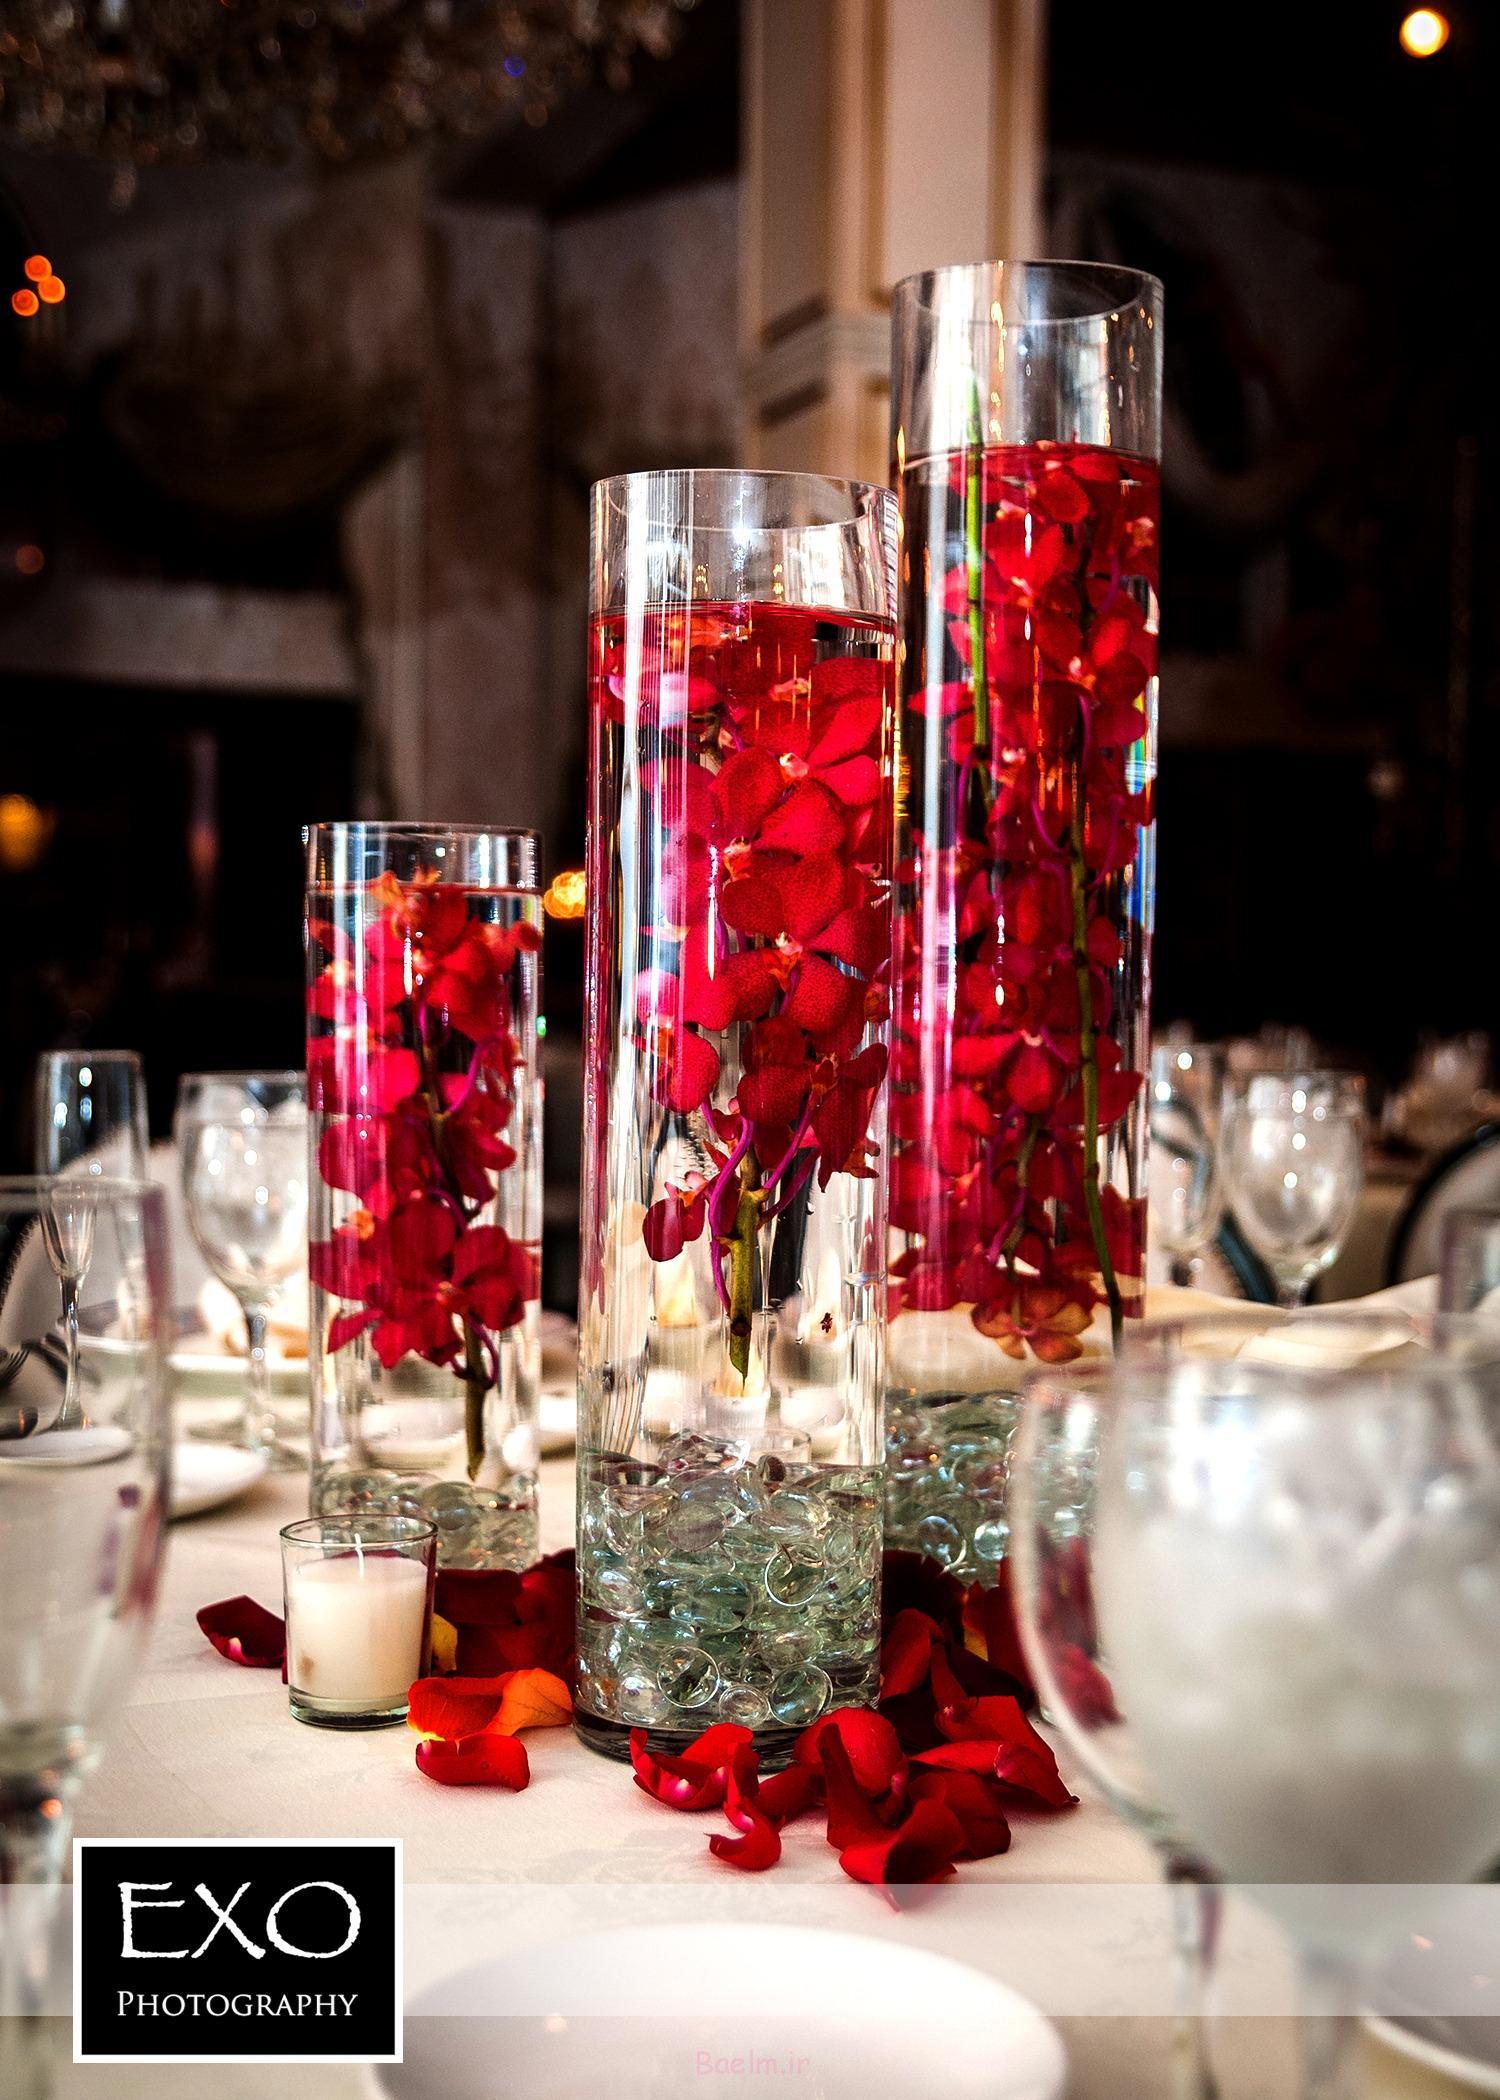 2014 شیشه ای منحصر به فرد گلدان محور عروسی